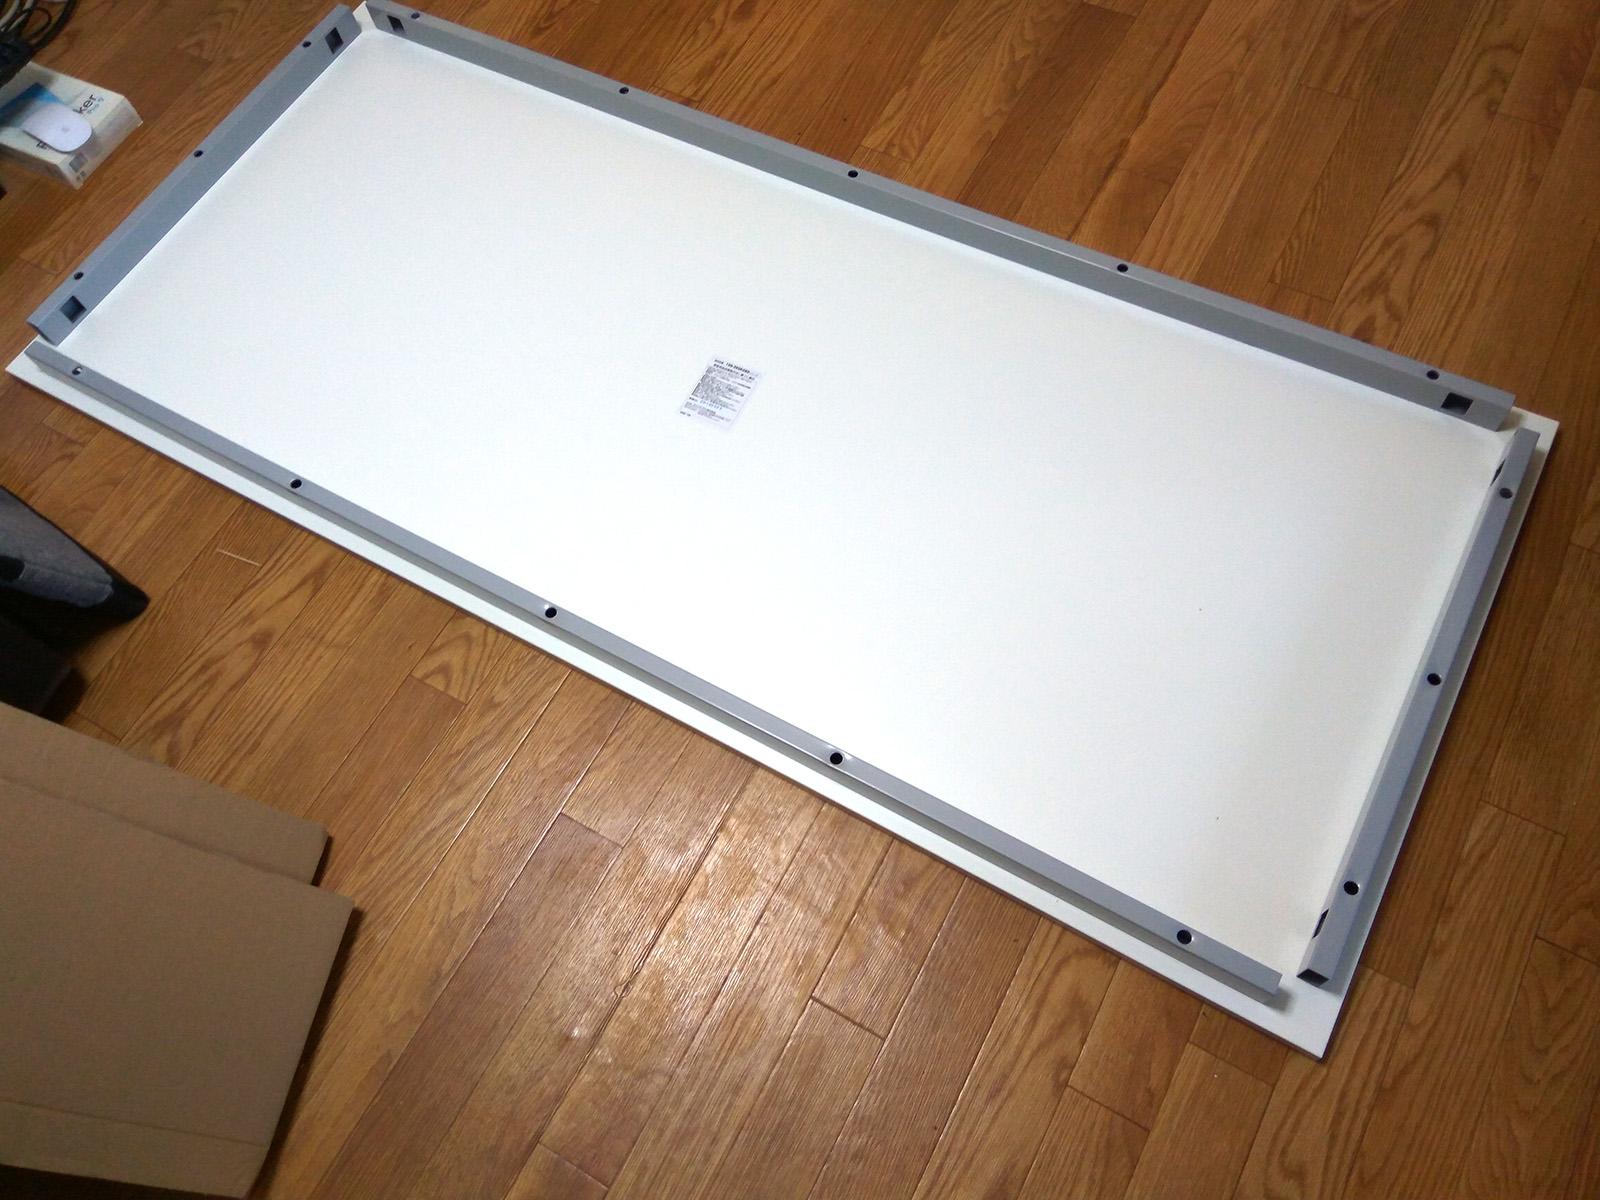 サンワサプライ パソコンデスク 100-DESK080W 組み立て 天板